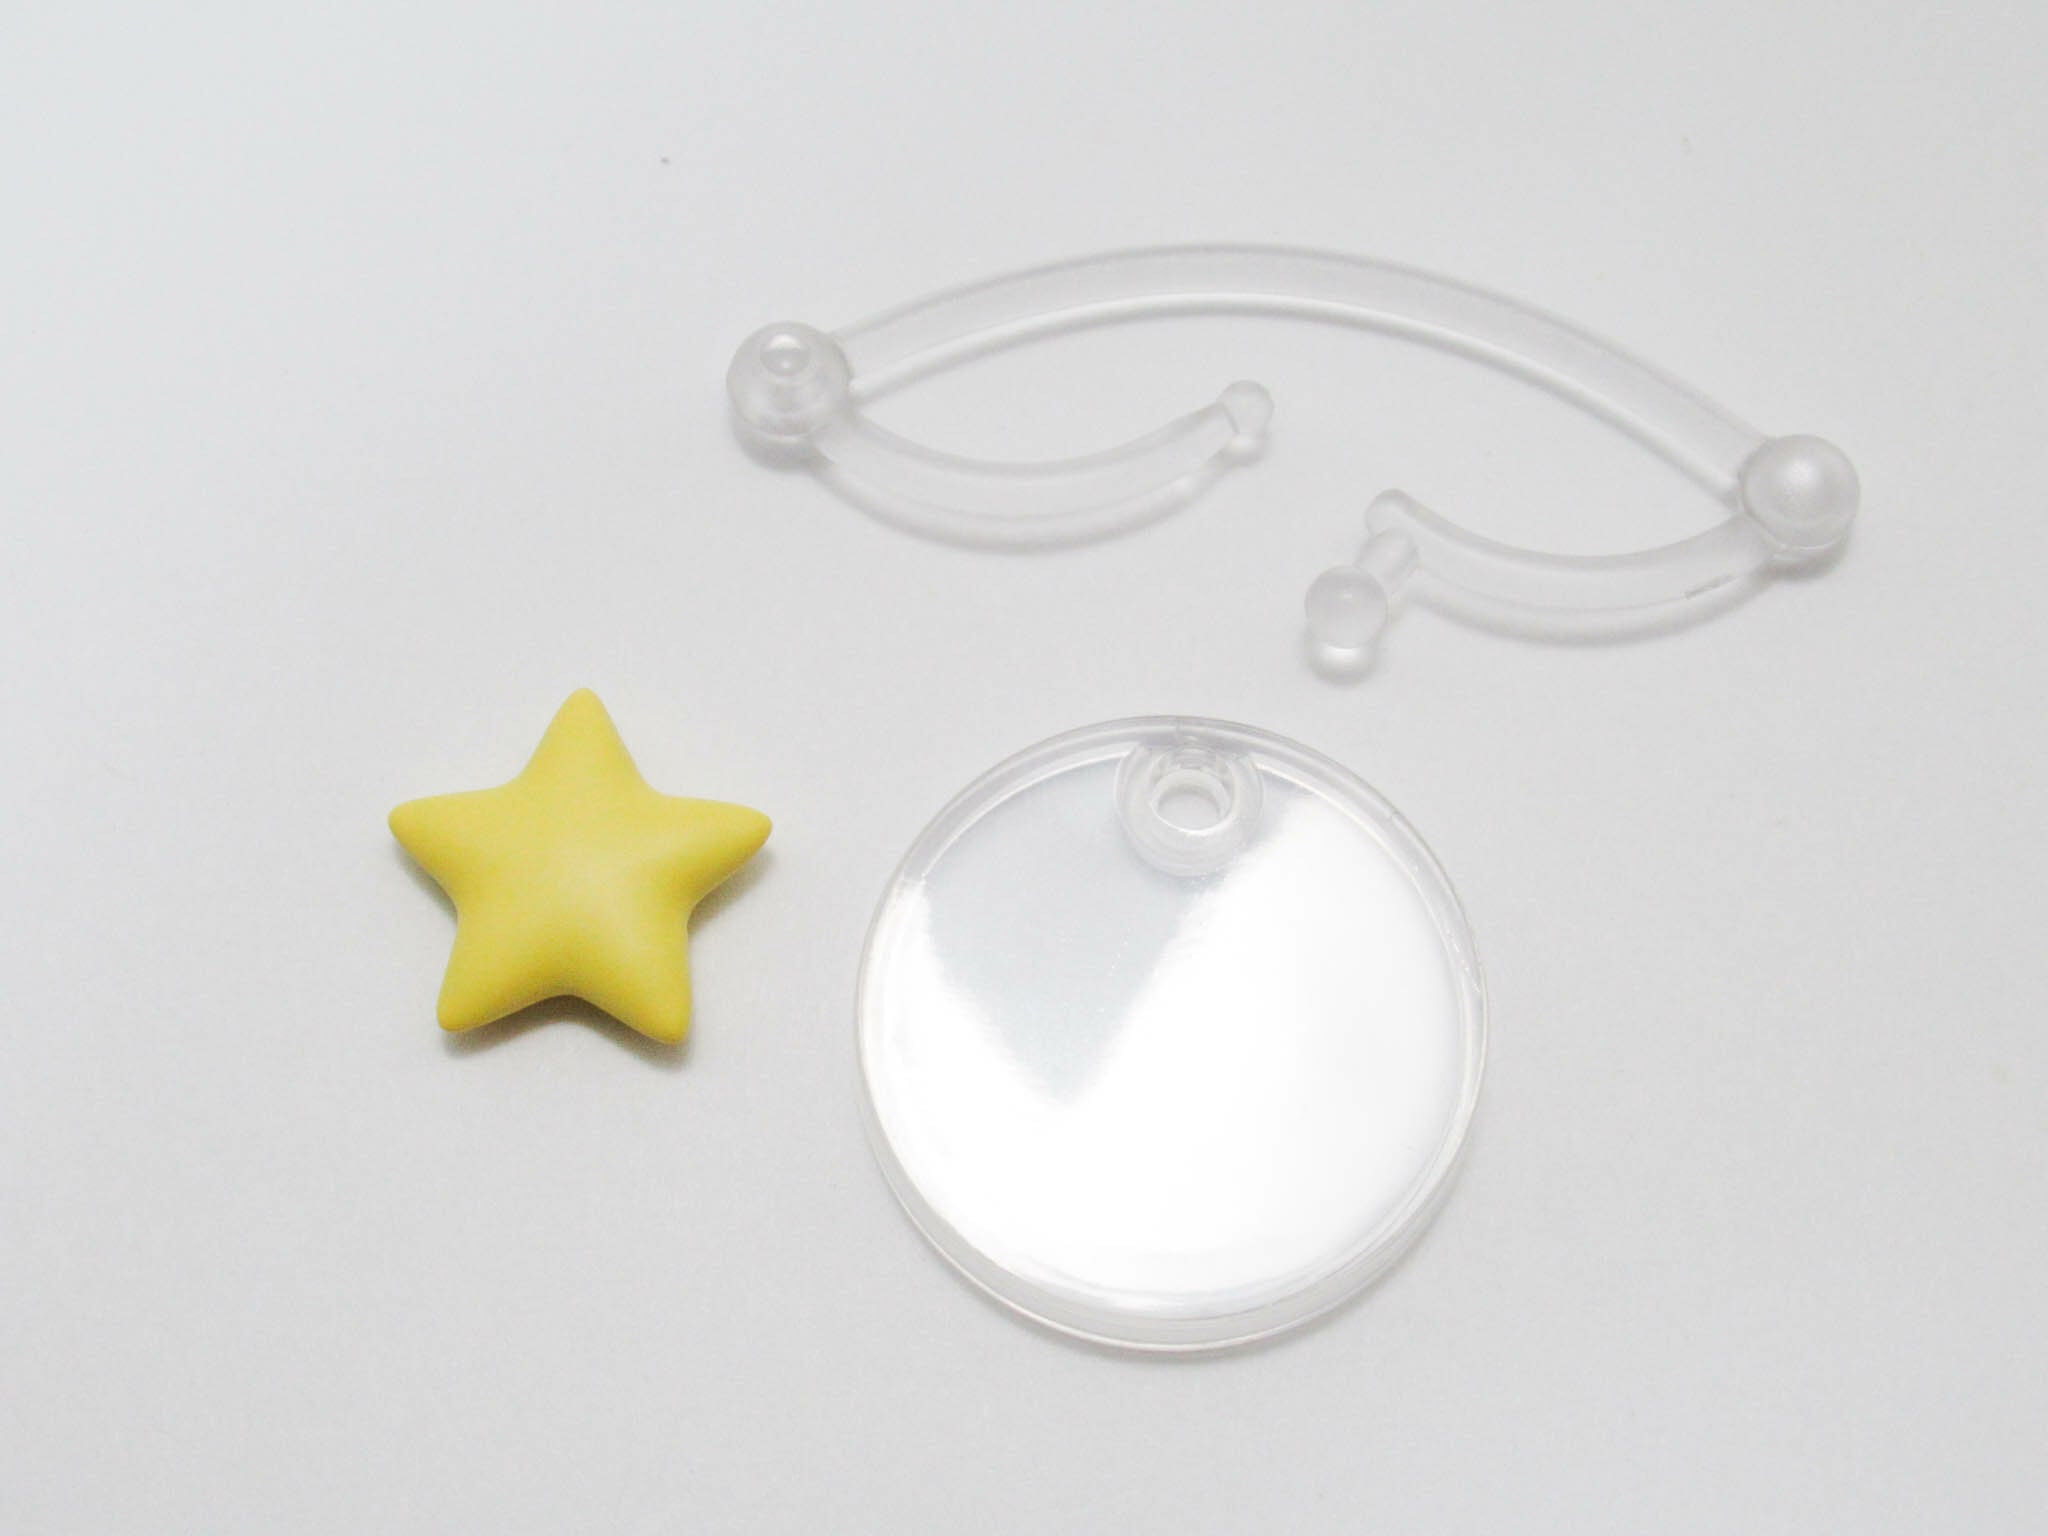 【SALE】【1088】 アメリカ 小物パーツ 星エフェクト ねんどろいど